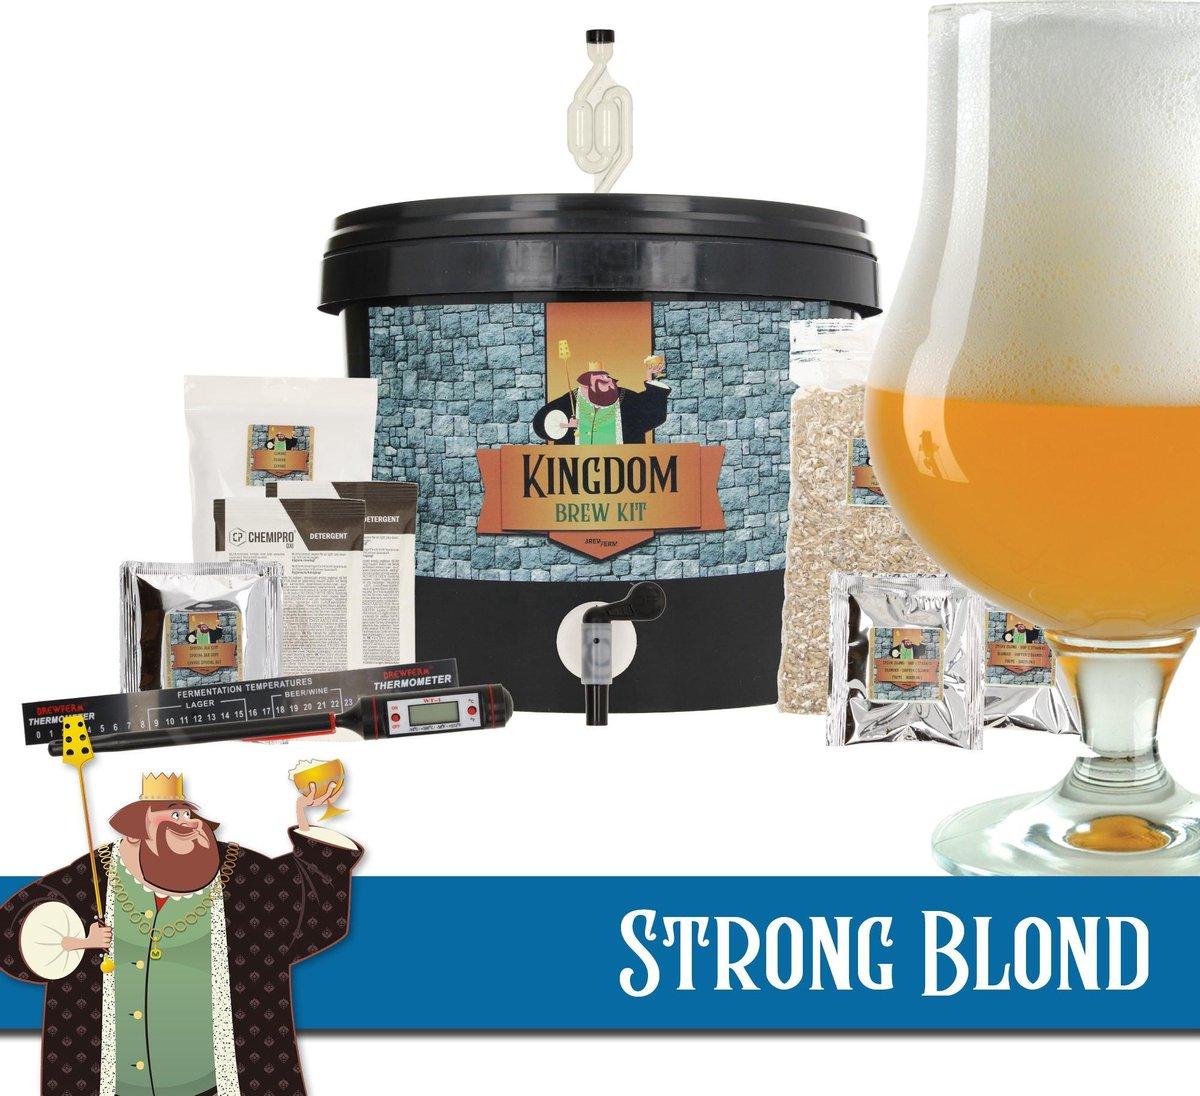 KINGDOM Bierbrouwpakket  - startpakket - Strong Blond - zelf bier brouwen - starterspakket bier brou